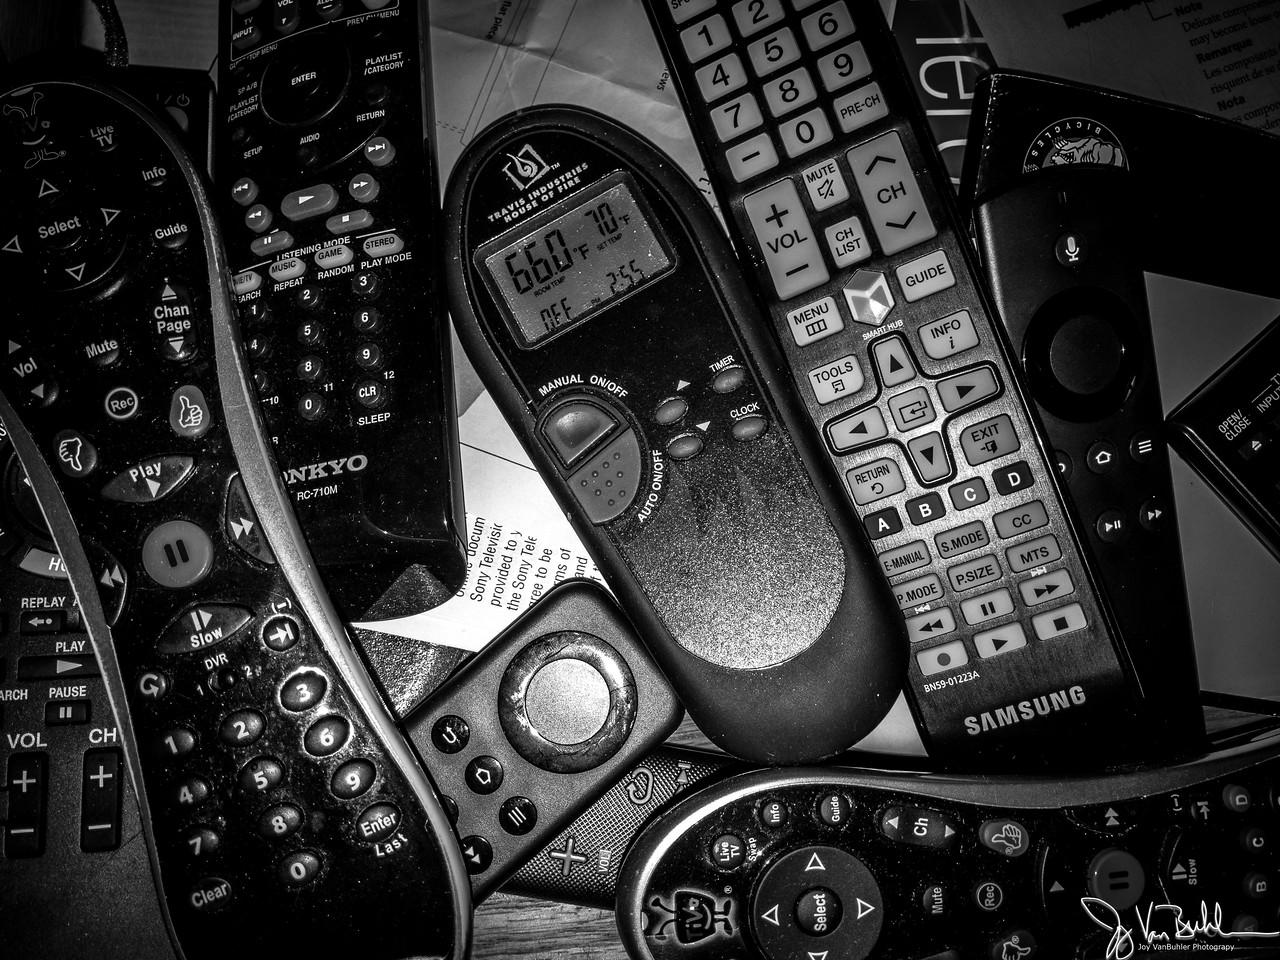 18/365 - Remotes